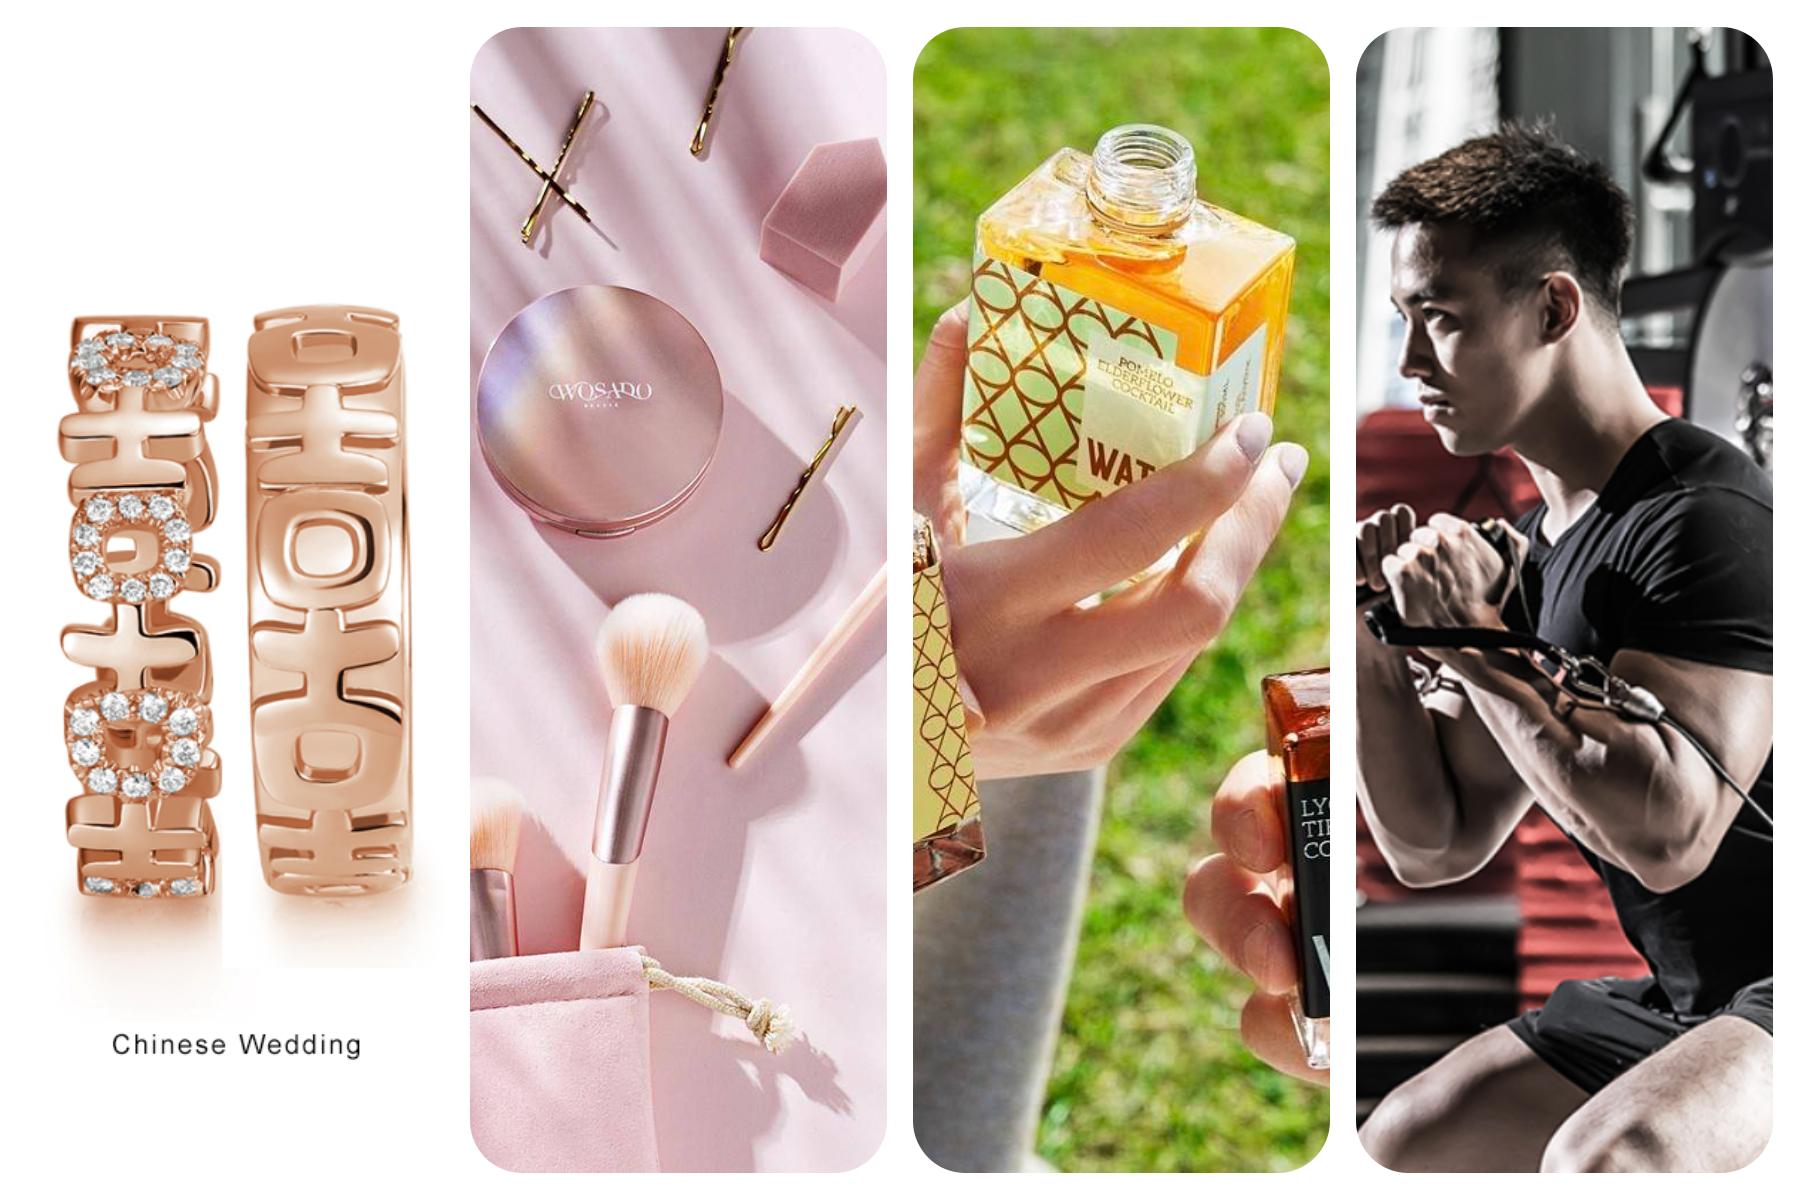 【华丽中国投资周报】2021年第6期:9家中国时尚消费企业完成新一轮融资